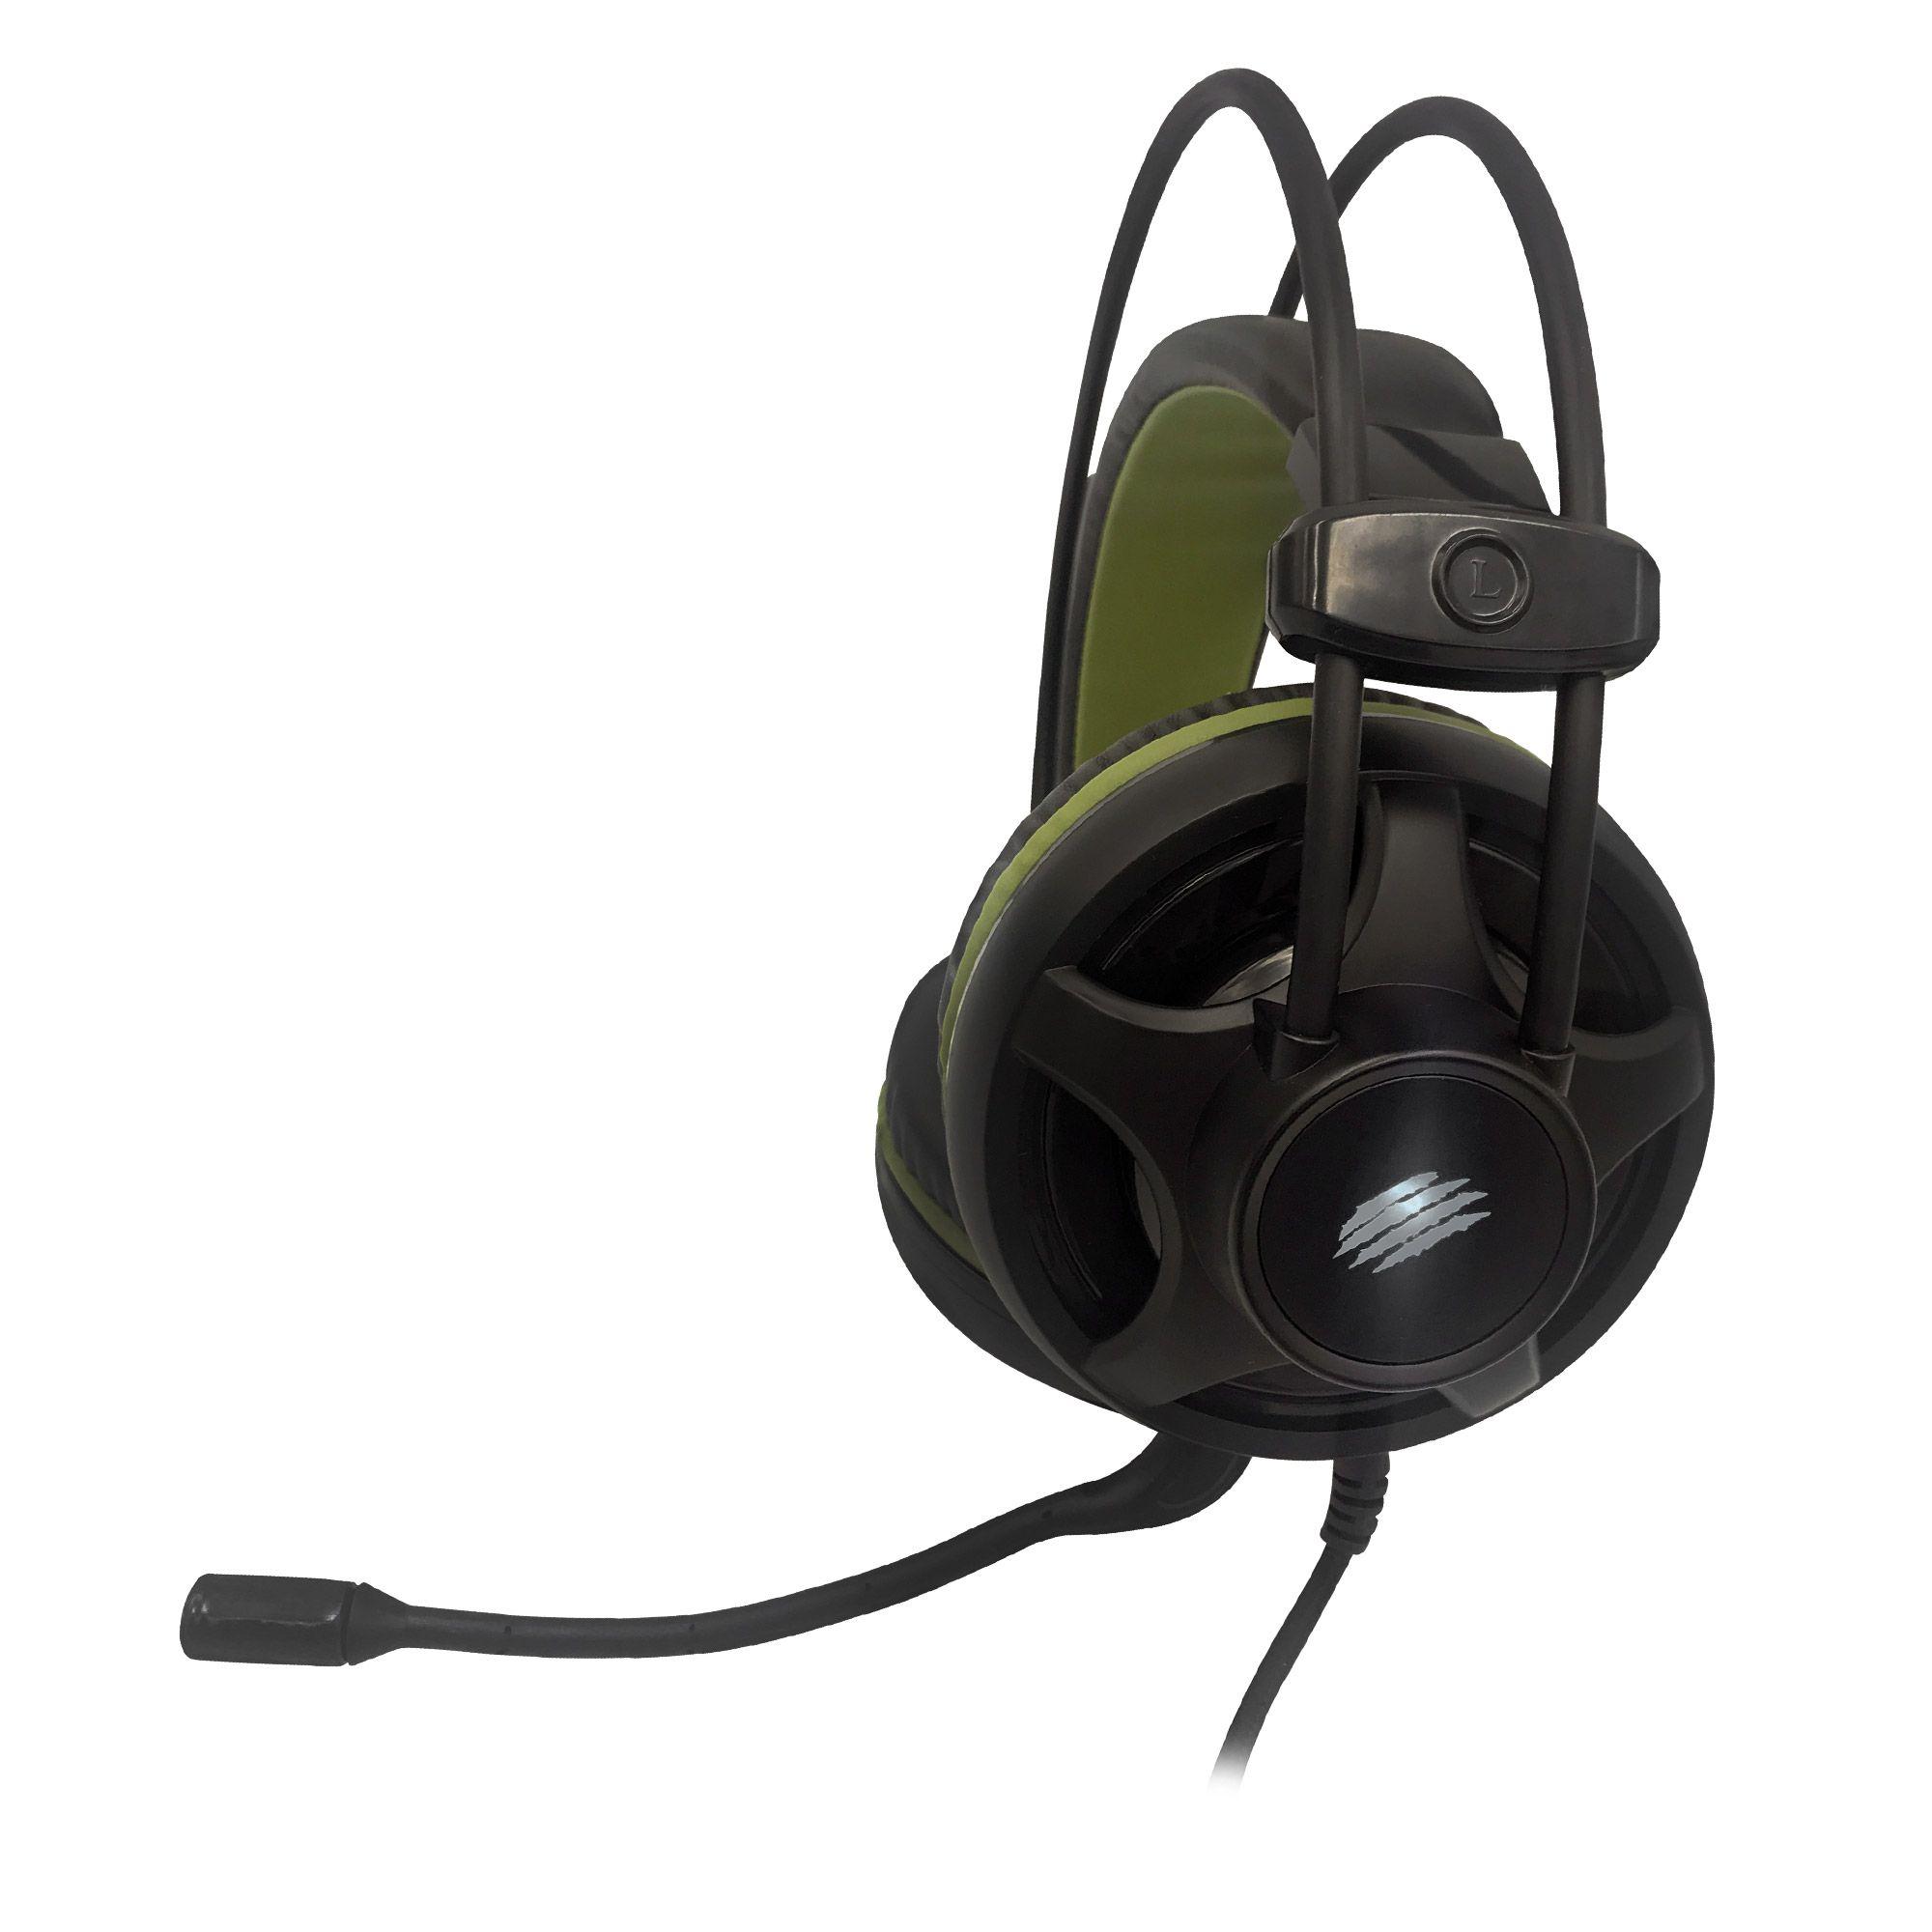 Kit Gamer Mouse, Teclado, Headset, Mousepad Oex Argos Tm304